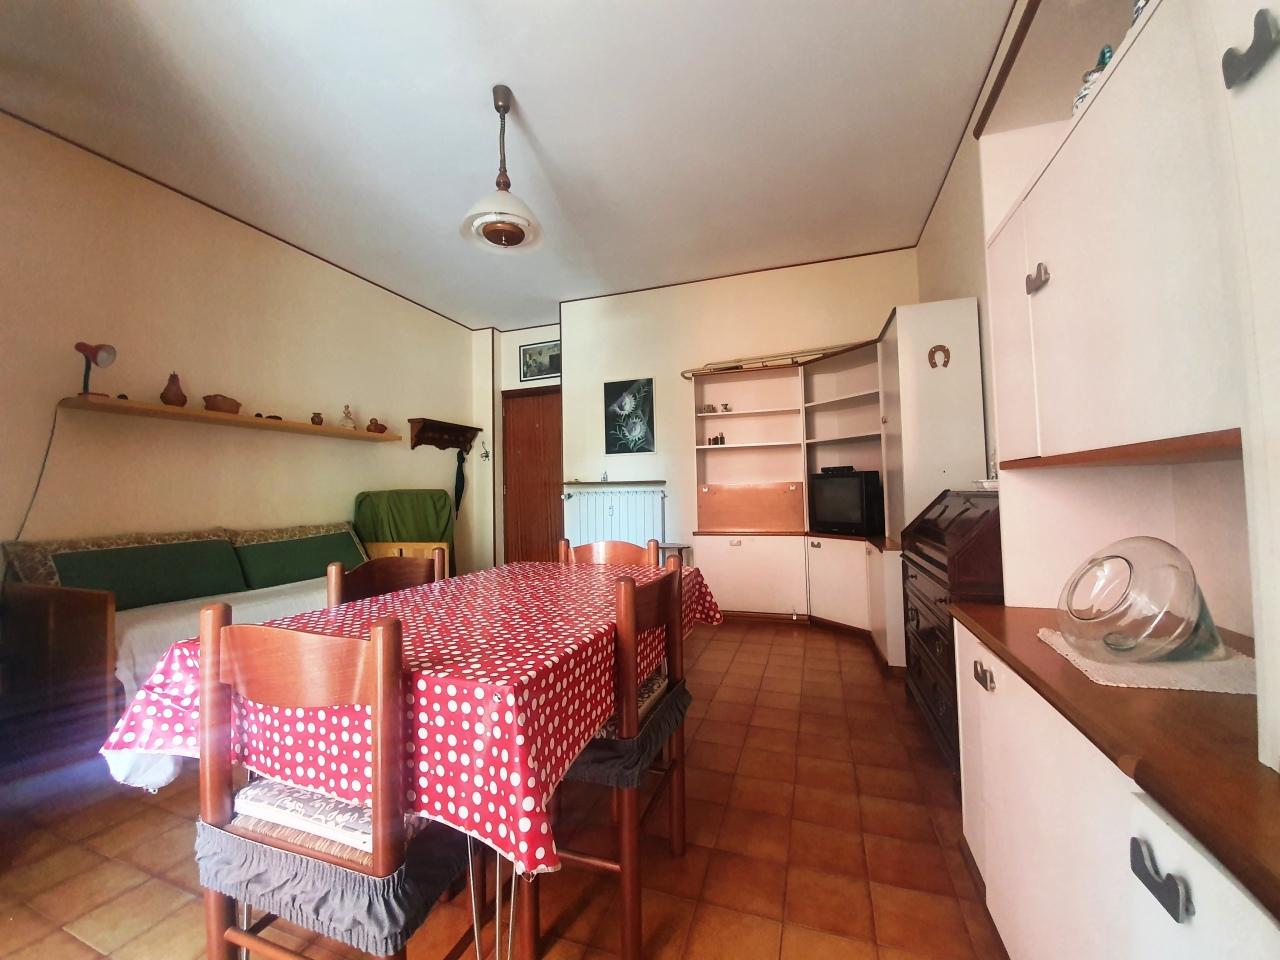 Appartamento in vendita a Borghetto Santo Spirito, 1 locali, prezzo € 112.000   PortaleAgenzieImmobiliari.it